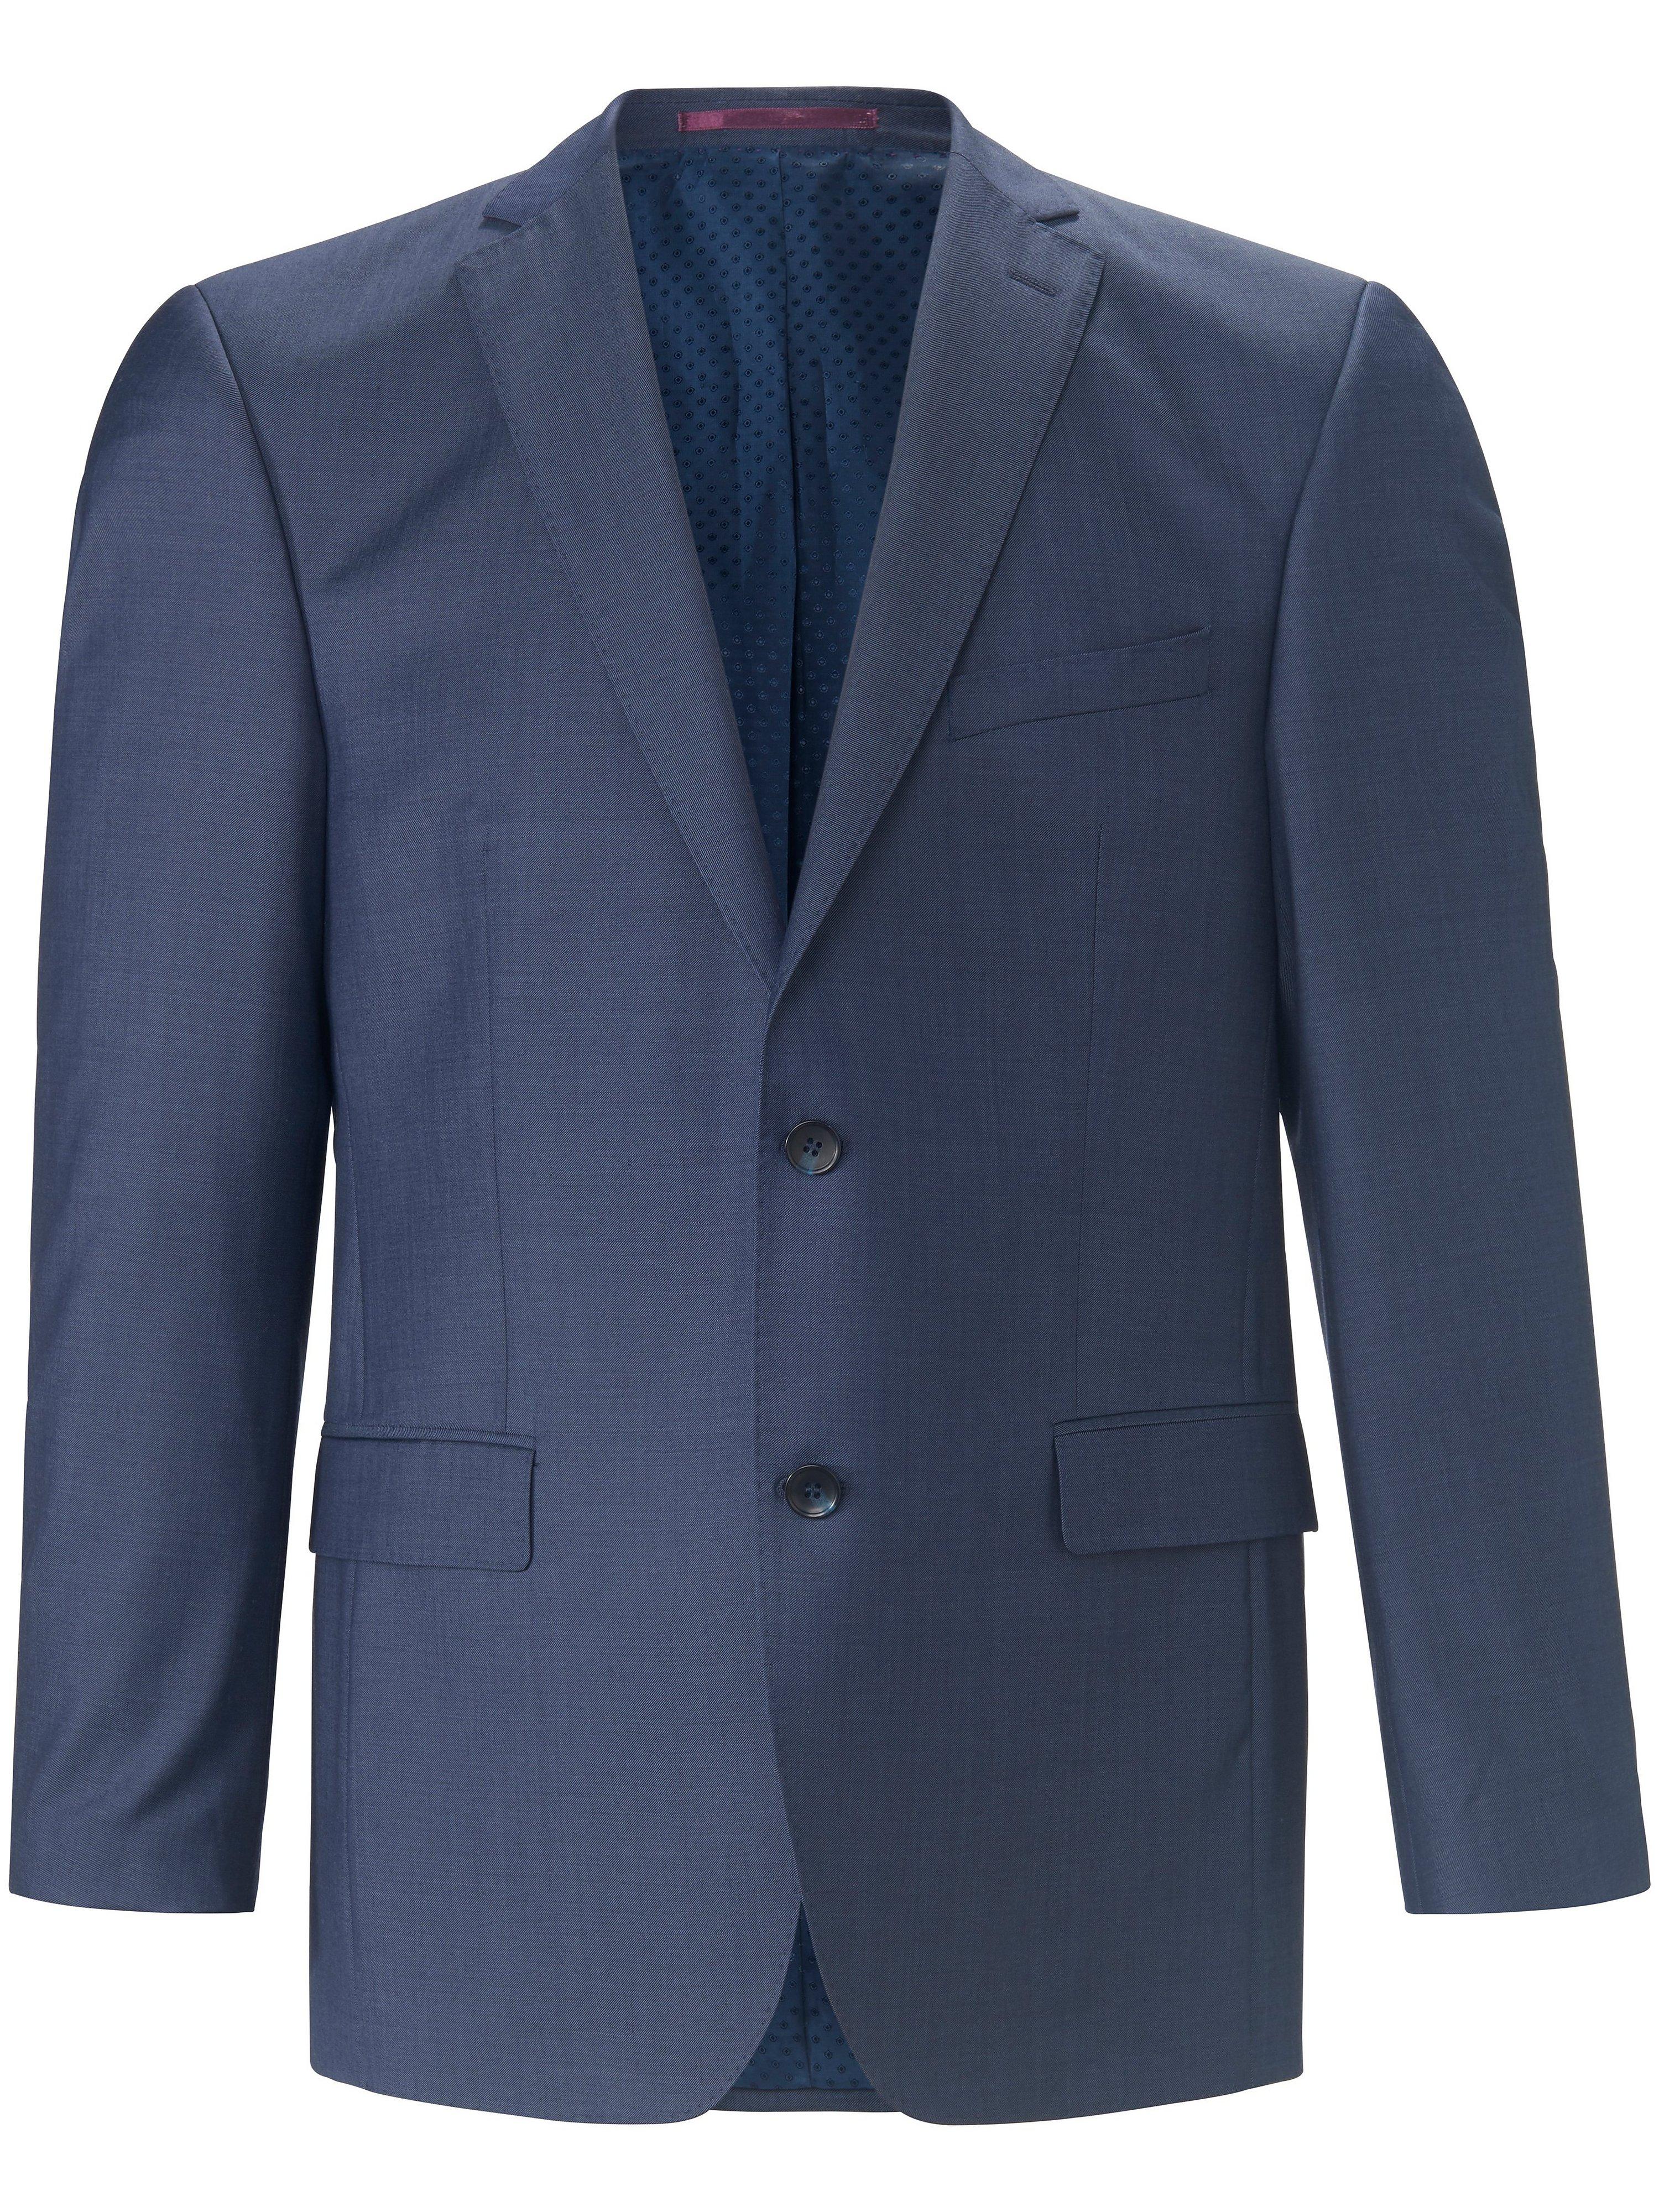 Colbert Modern Fit 100% scheerwol Van Carl Gross blauw